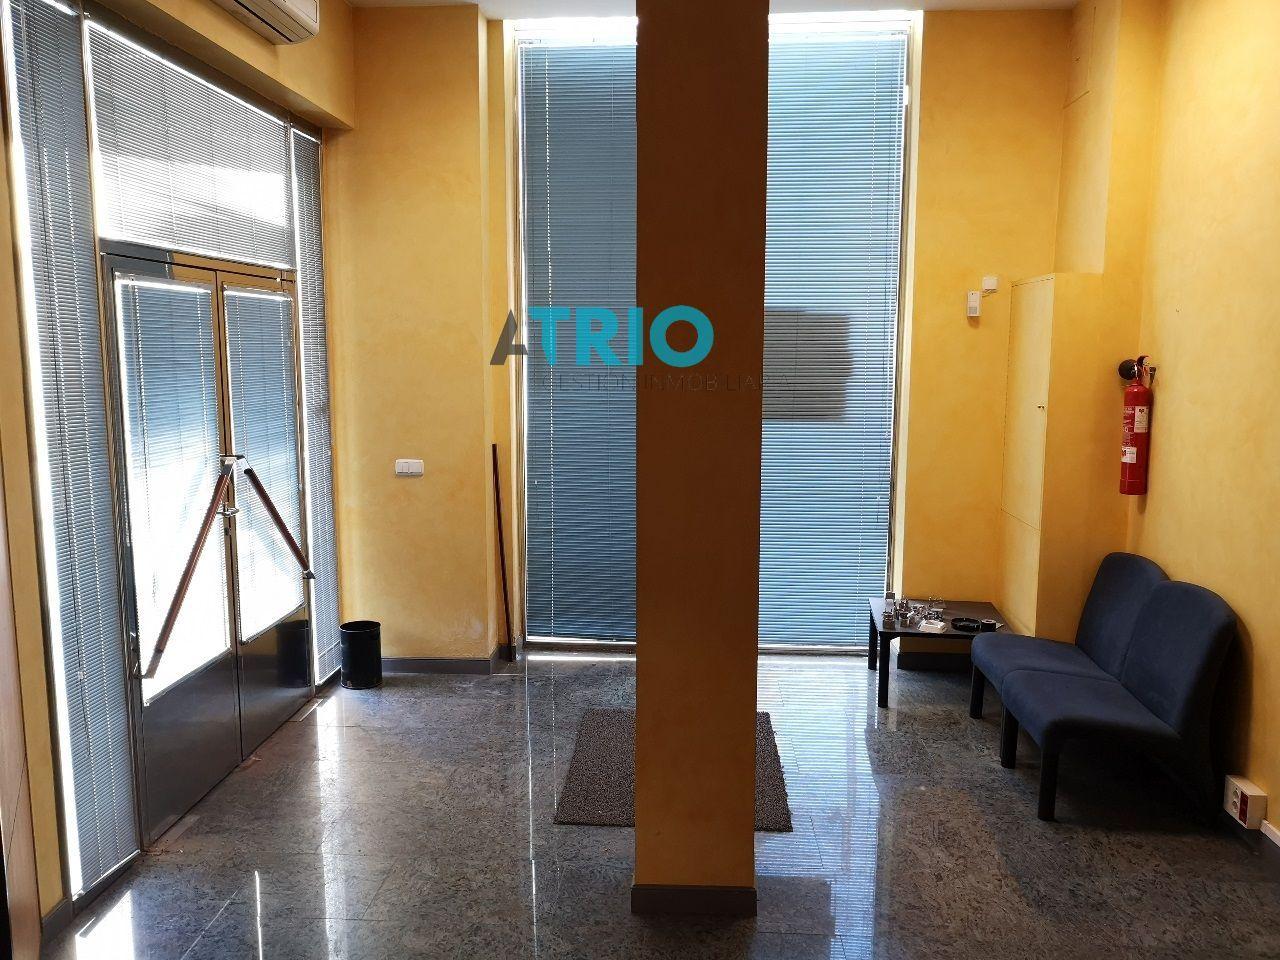 dia.mobiliagestion.es/Portals/inmoatrio/Images/5764/2907879